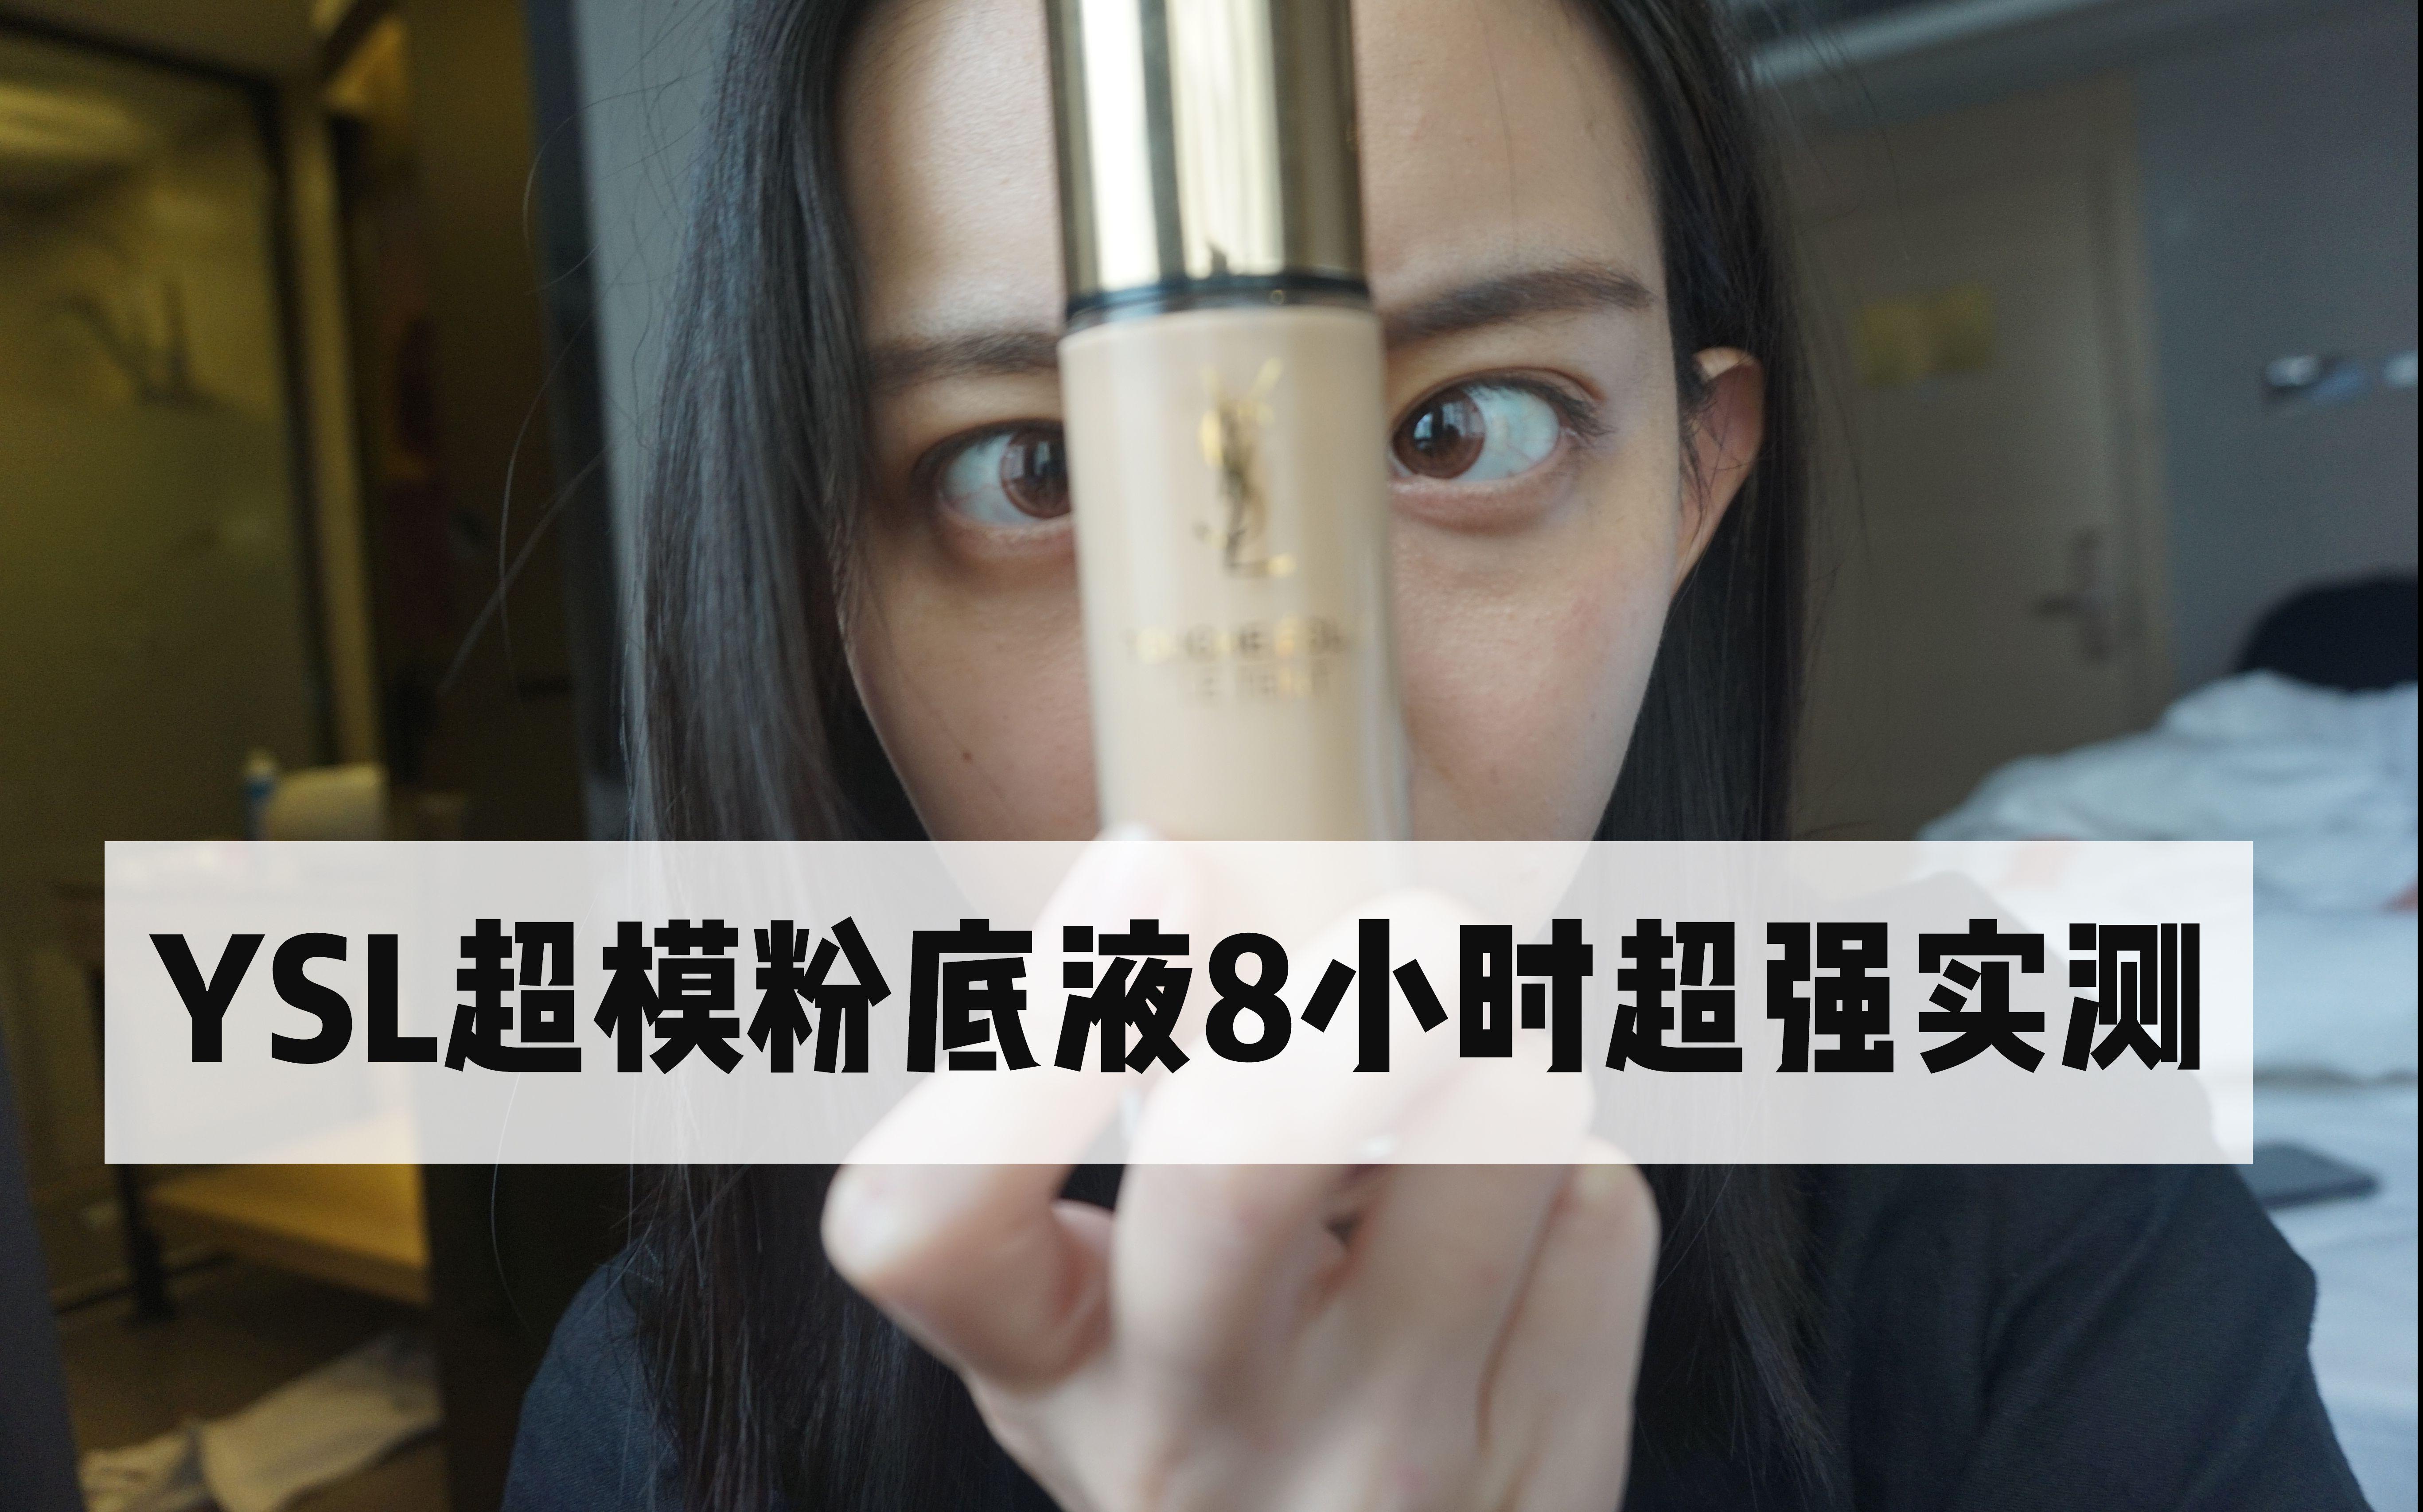 米意tv|ysl超模粉底液8小时超强实测!